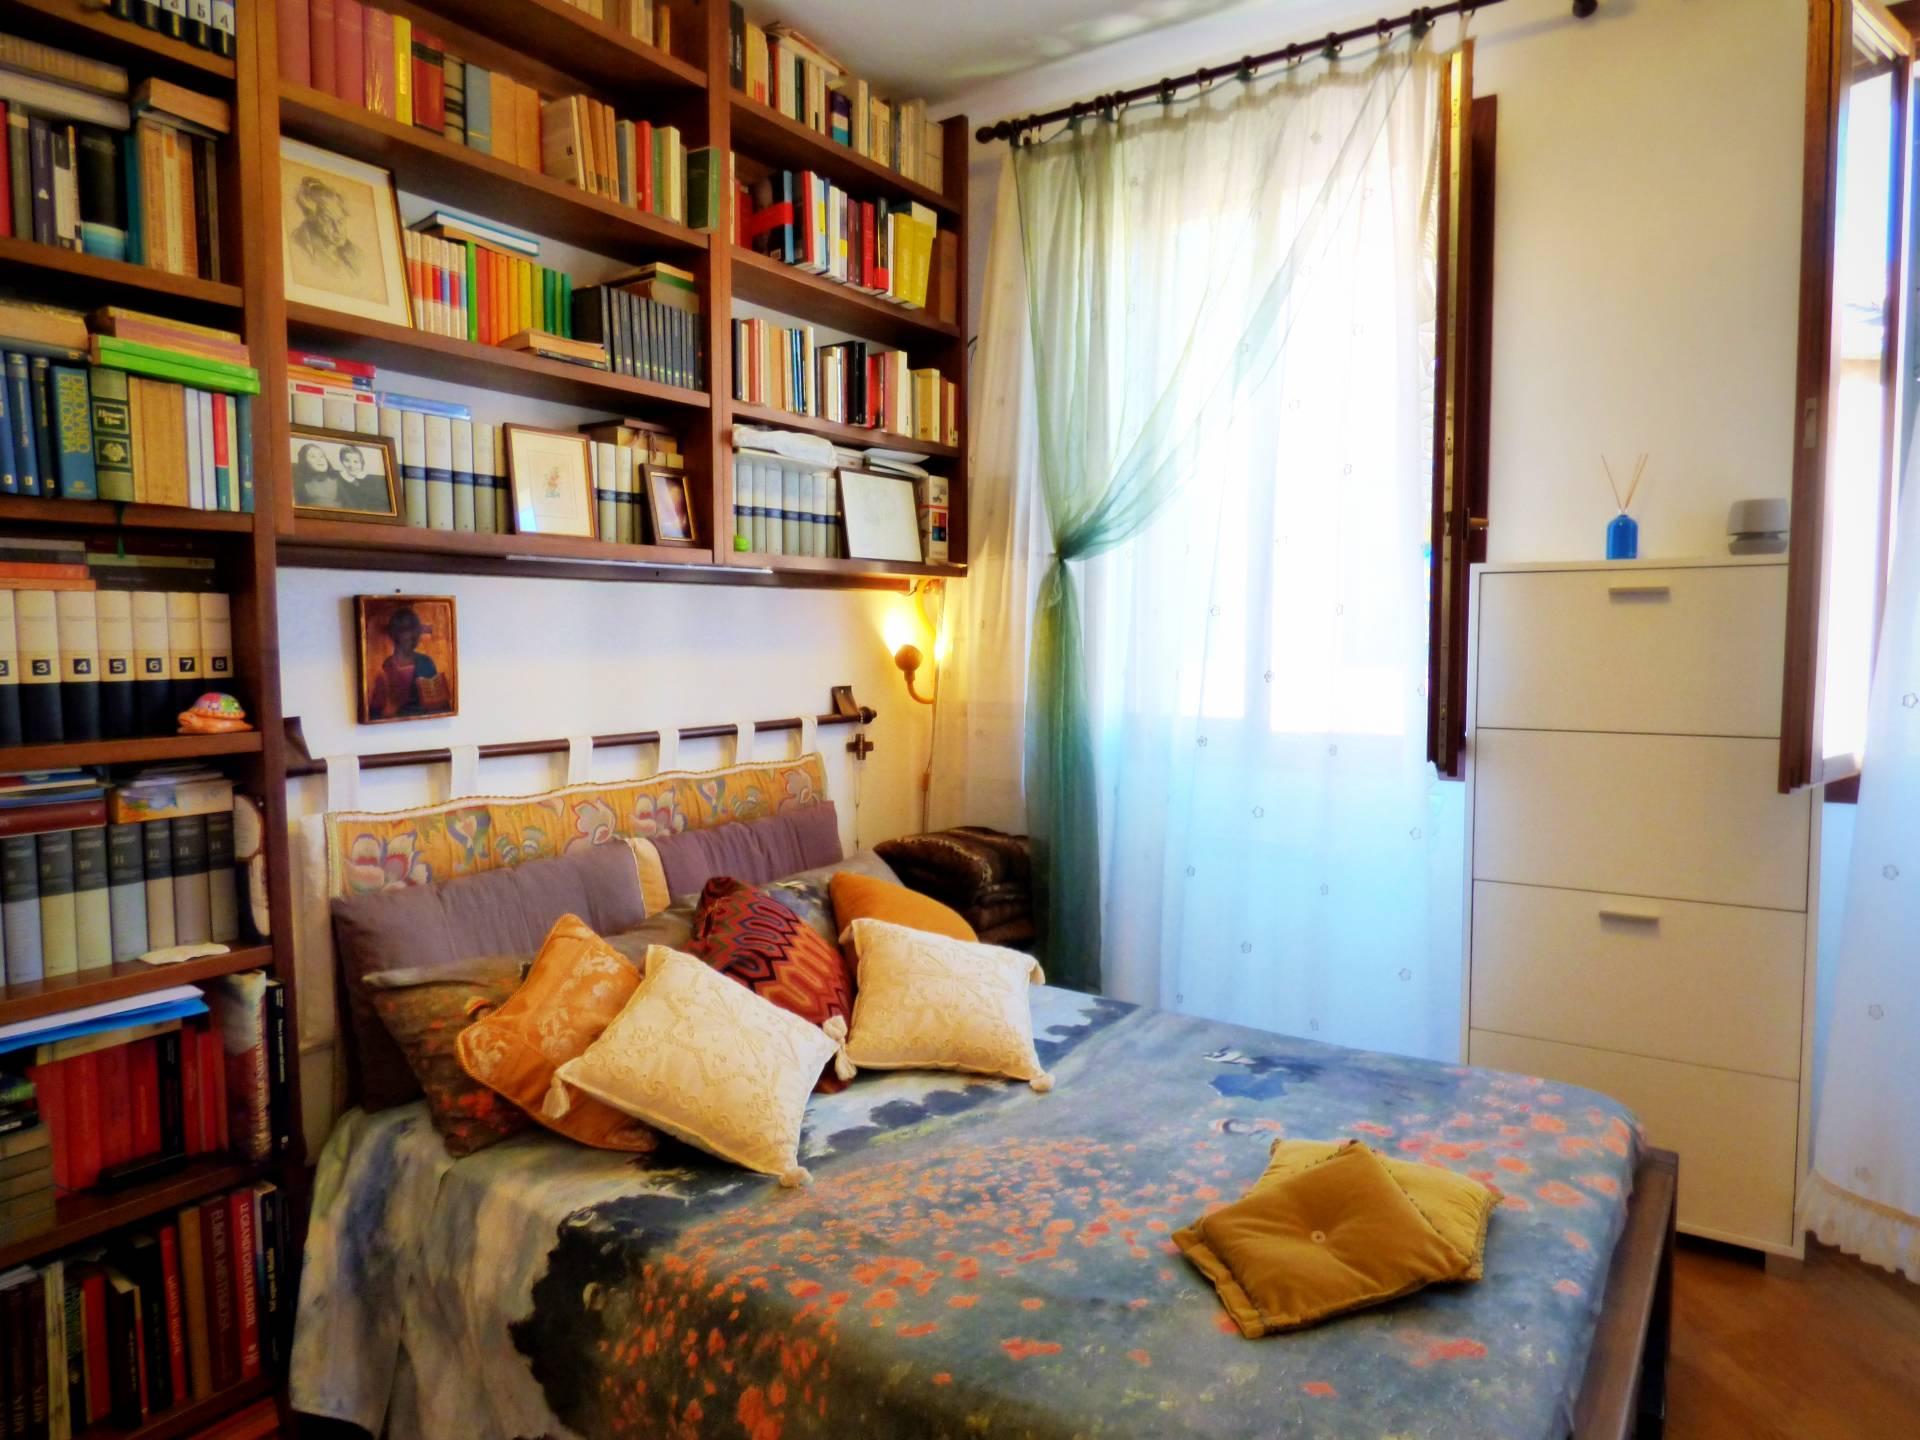 Appartamento in vendita a Venezia, 2 locali, zona Zona: 3 . Cannaregio, prezzo € 225.000 | Cambio Casa.it